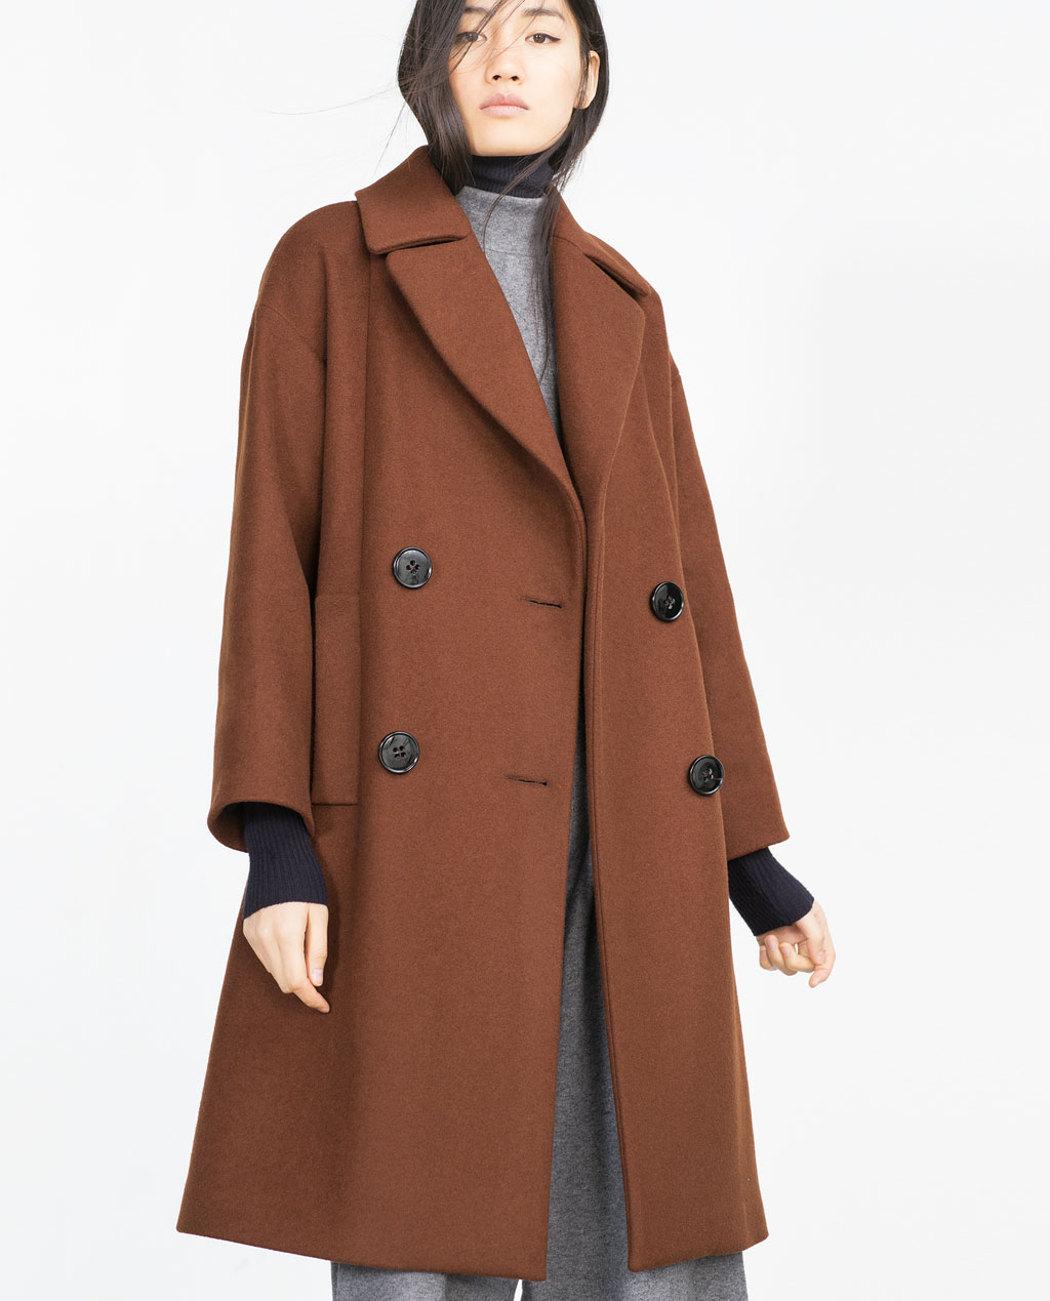 abrigo teja zara manga raglán